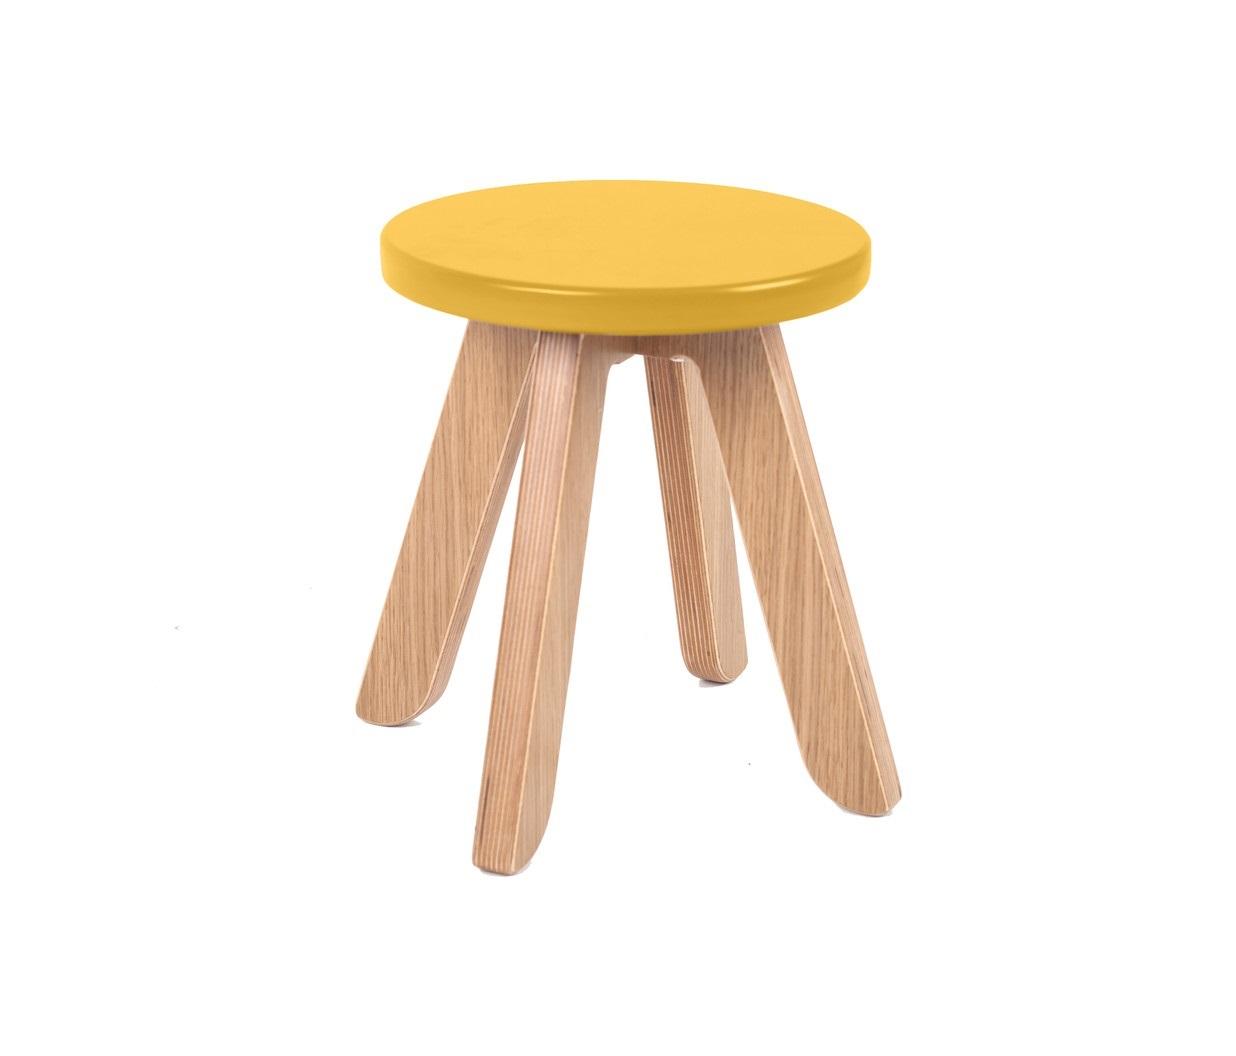 Табурет MalevichДетские табуреты<br>Табурет составит отличную компанию столу и стулу. Например, на нем удобно расположить принадлежности для рисования, когда стол используется в положении мольберта. Наличие табурета также позволит маме сидеть за столом на одном уровне с ребенком.&amp;lt;span style=&amp;quot;font-size: 14px;&amp;quot;&amp;gt;&amp;amp;nbsp;&amp;lt;/span&amp;gt;&amp;lt;div style=&amp;quot;font-size: 14px;&amp;quot;&amp;gt;&amp;lt;br&amp;gt;&amp;lt;/div&amp;gt;&amp;lt;div style=&amp;quot;font-size: 14px;&amp;quot;&amp;gt;Материал: березовая фанера, дубовый шпон.&amp;lt;/div&amp;gt;<br><br>Material: Фанера<br>Высота см: 34